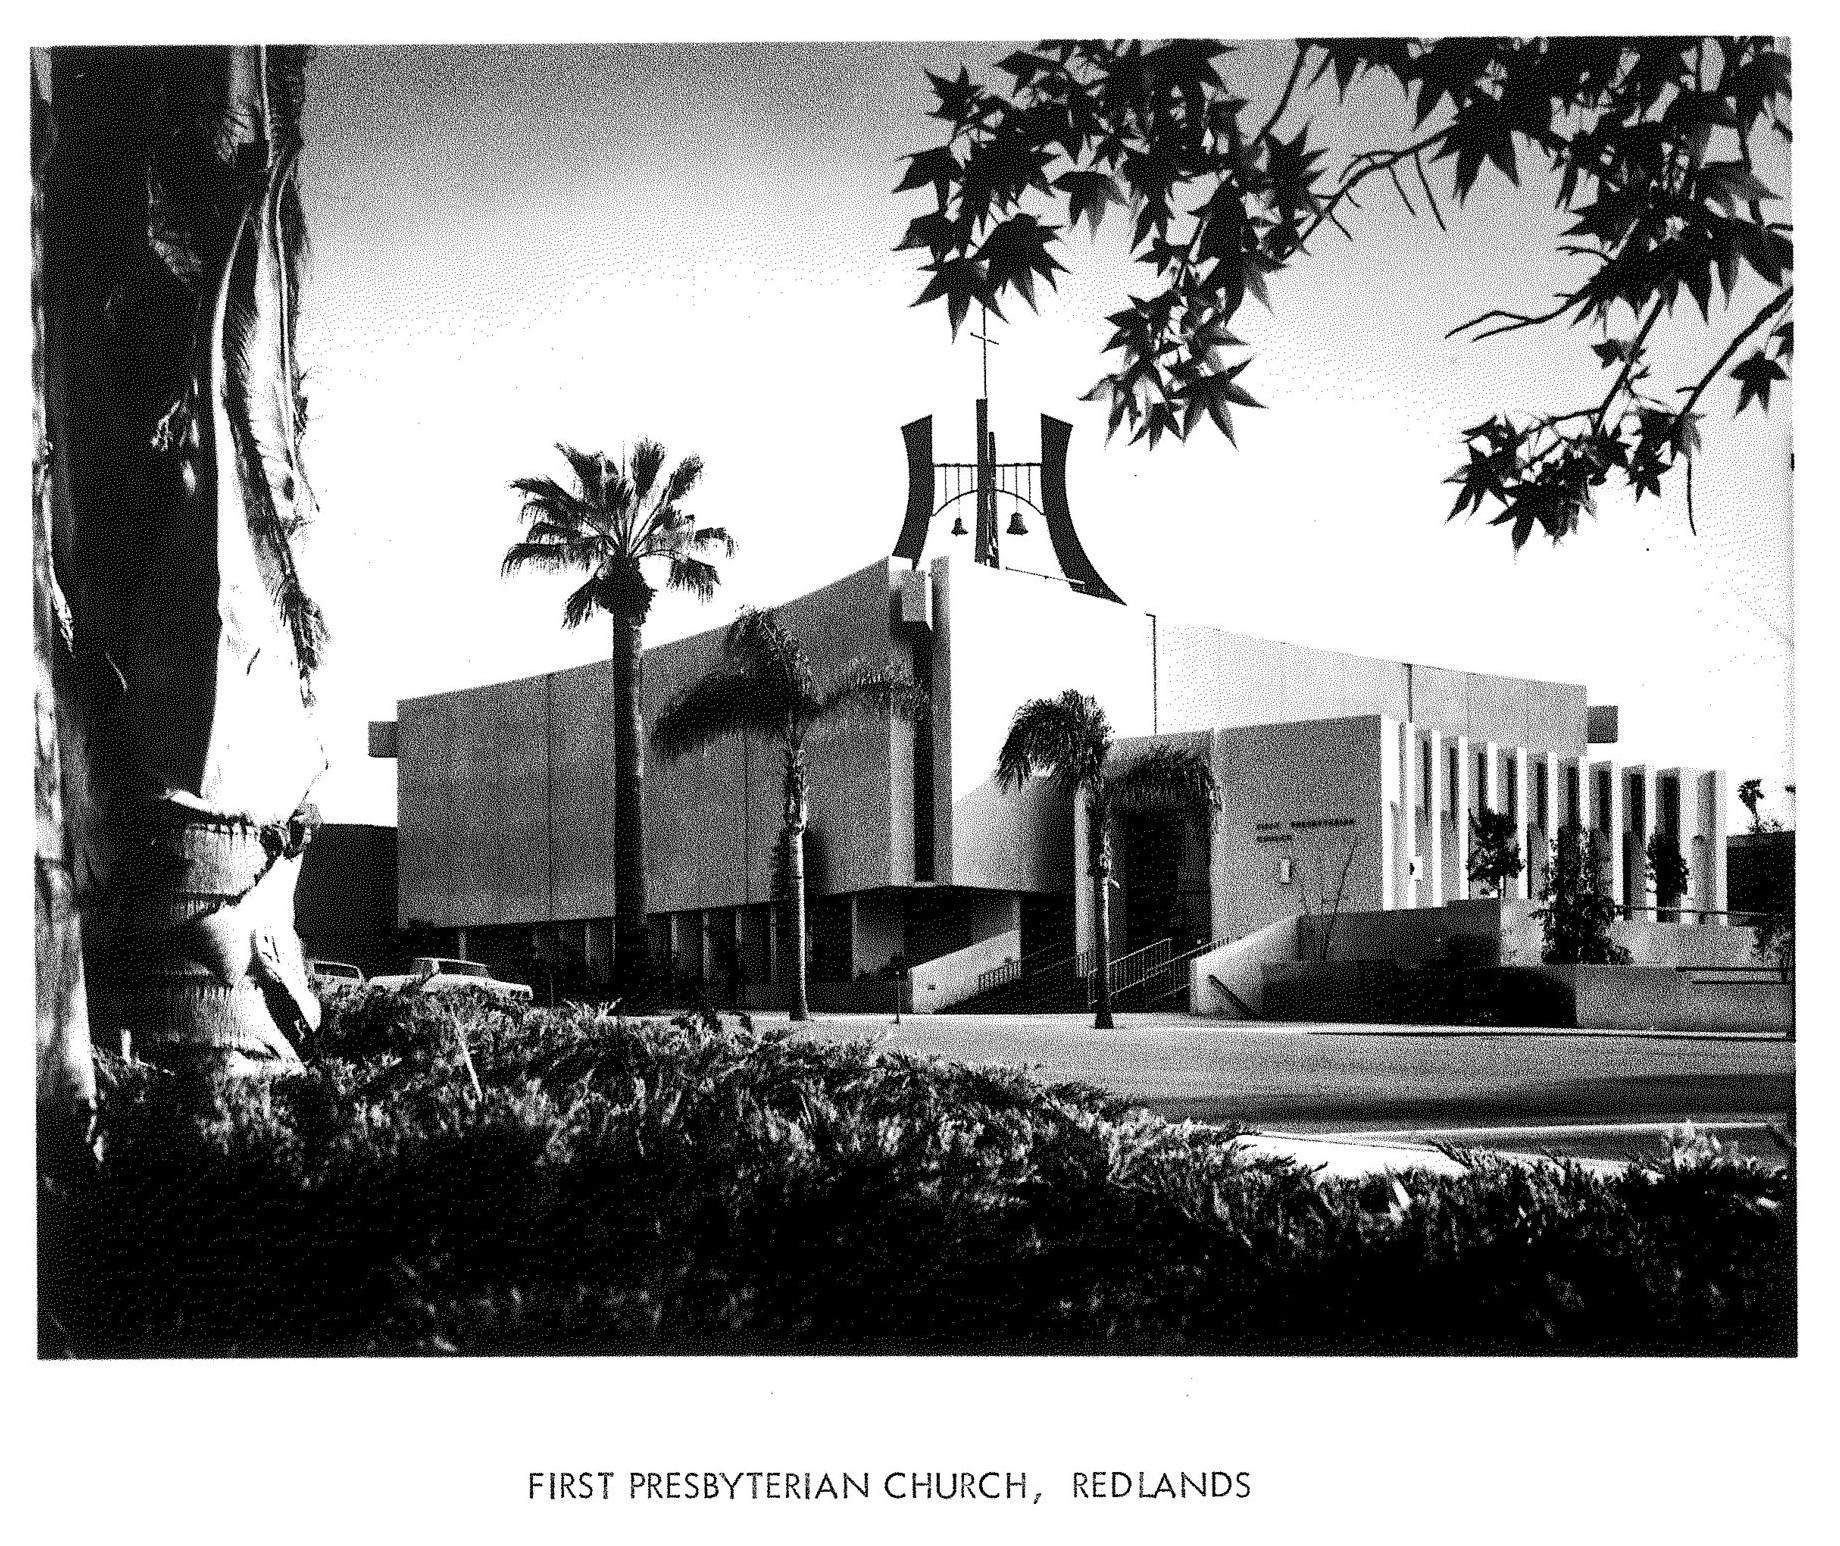 Frsit Presbyterian Church Redlands exterior.jpg